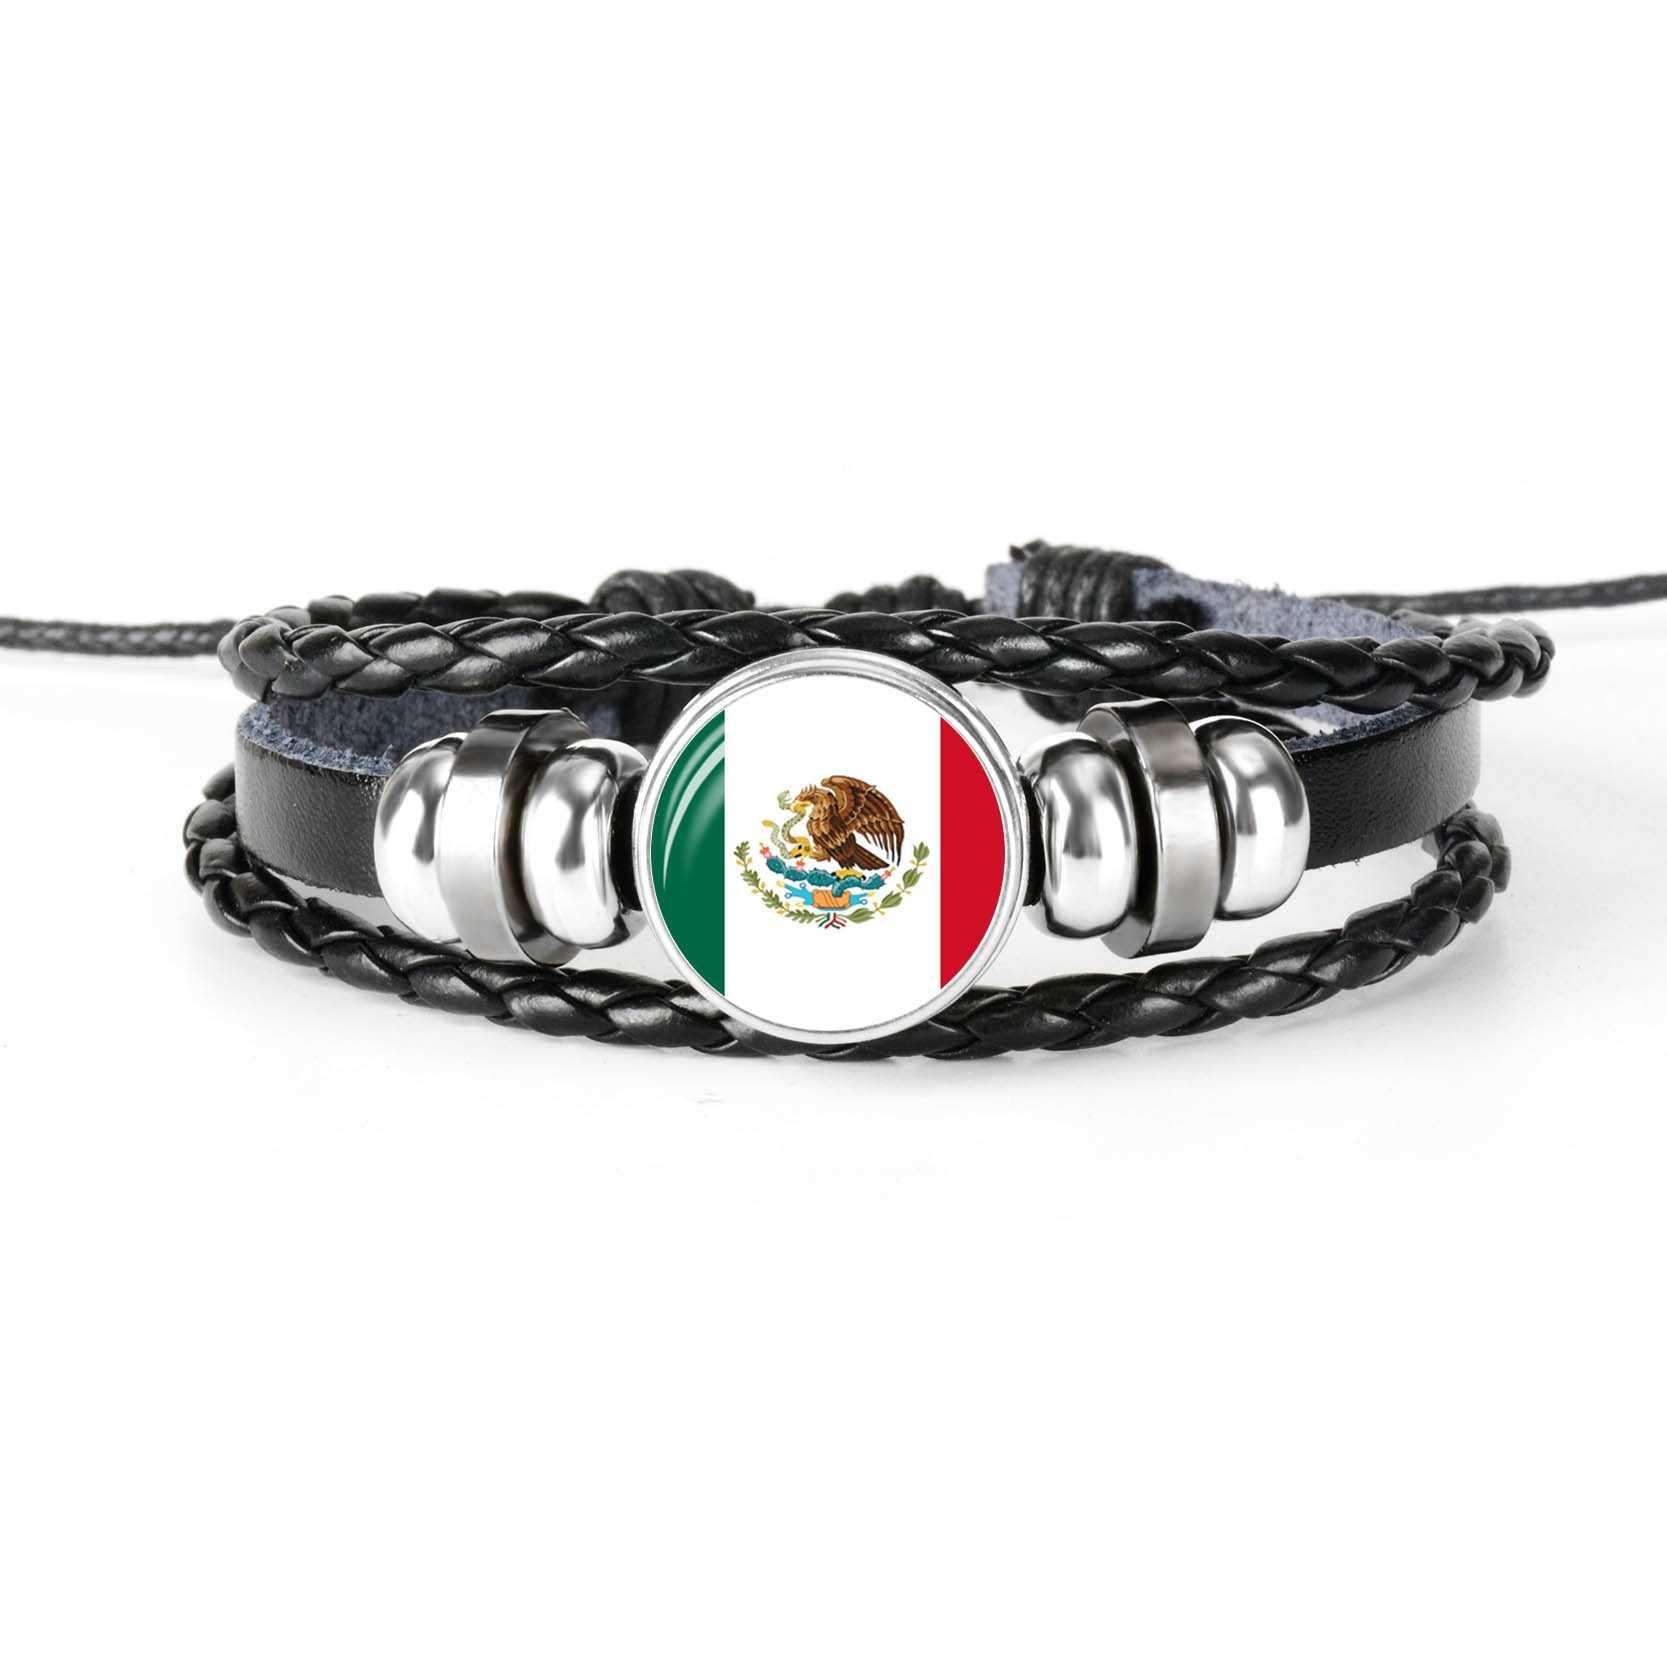 אמריקה האיטי מקסיקו לאומי דגל גברים של עור צמיד זכוכית קרושון קסם רב שכבתי קלוע נשים